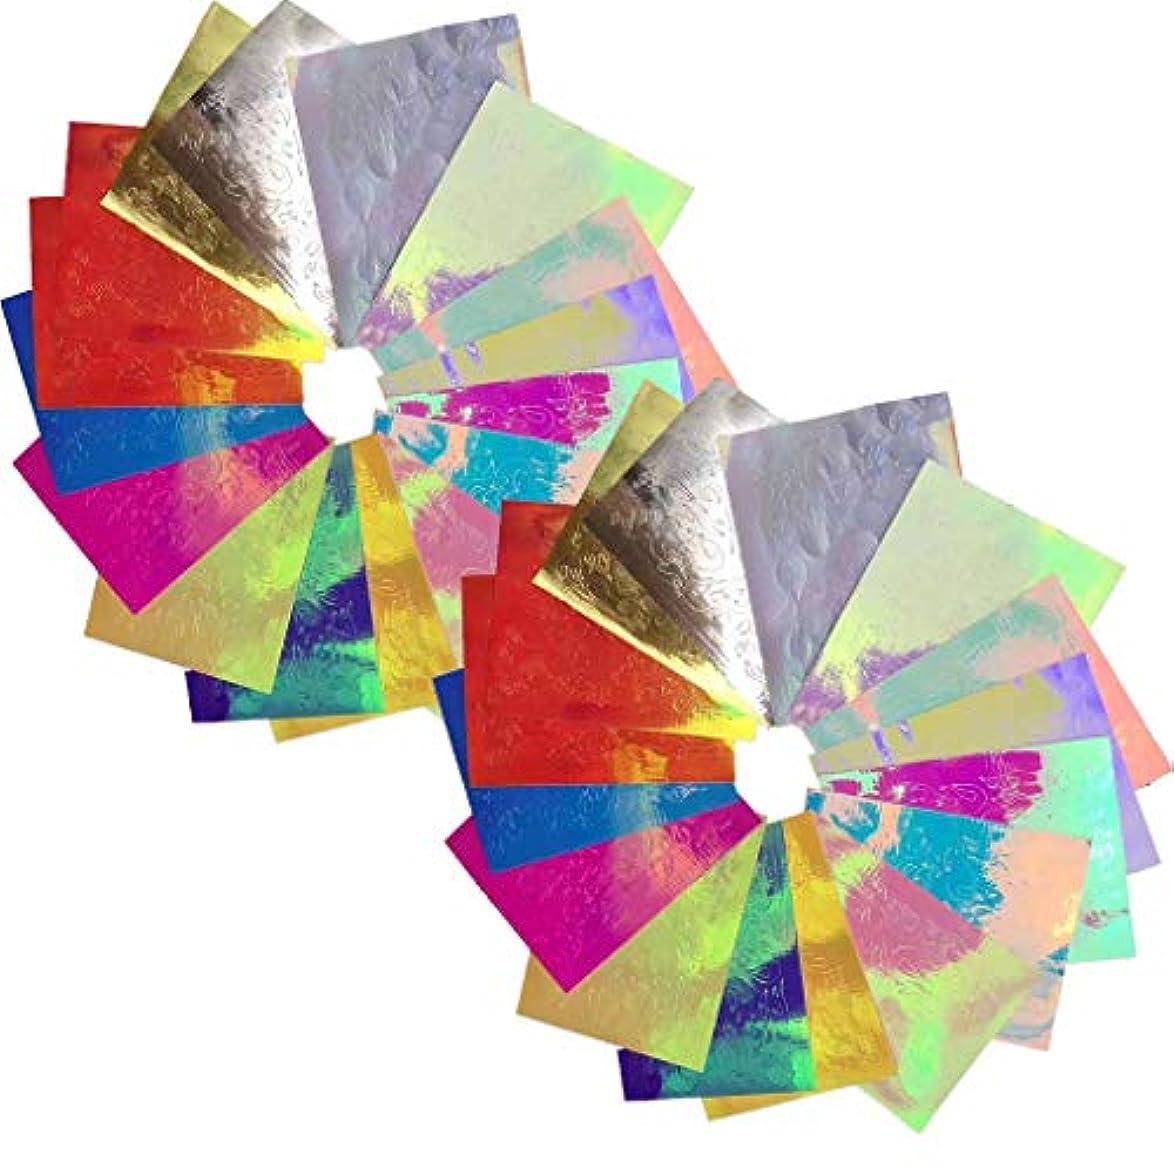 グリース最小番目topshop ネイルステッカー貼るだけマニキュア ネイルアート ネイルラップ ネイルアクセサリー女性 レディースプレゼント ギフト 可愛い 人気 おしゃれな上級ネイルシール (8 PCS A)